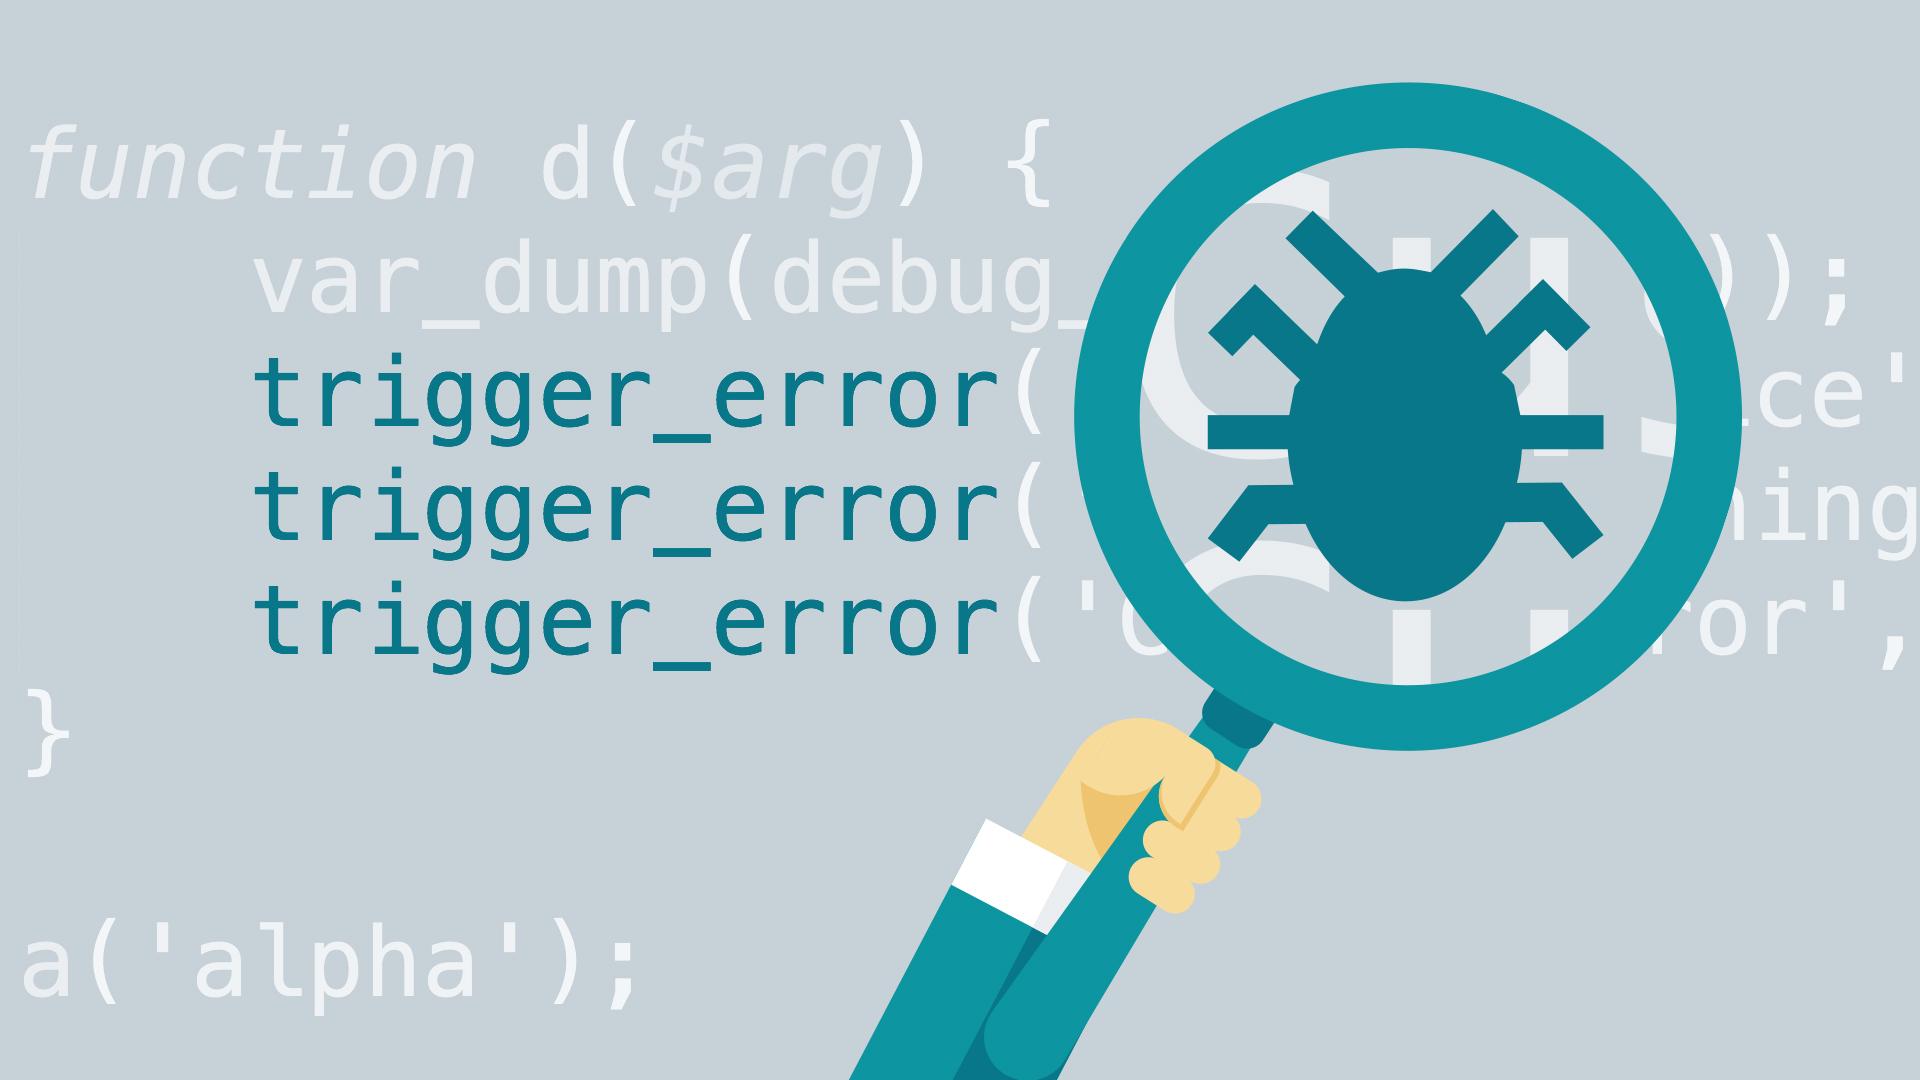 دیباگ کردن یعنی چه ؟ و چه کاربردی در برنامه نویسی دارد